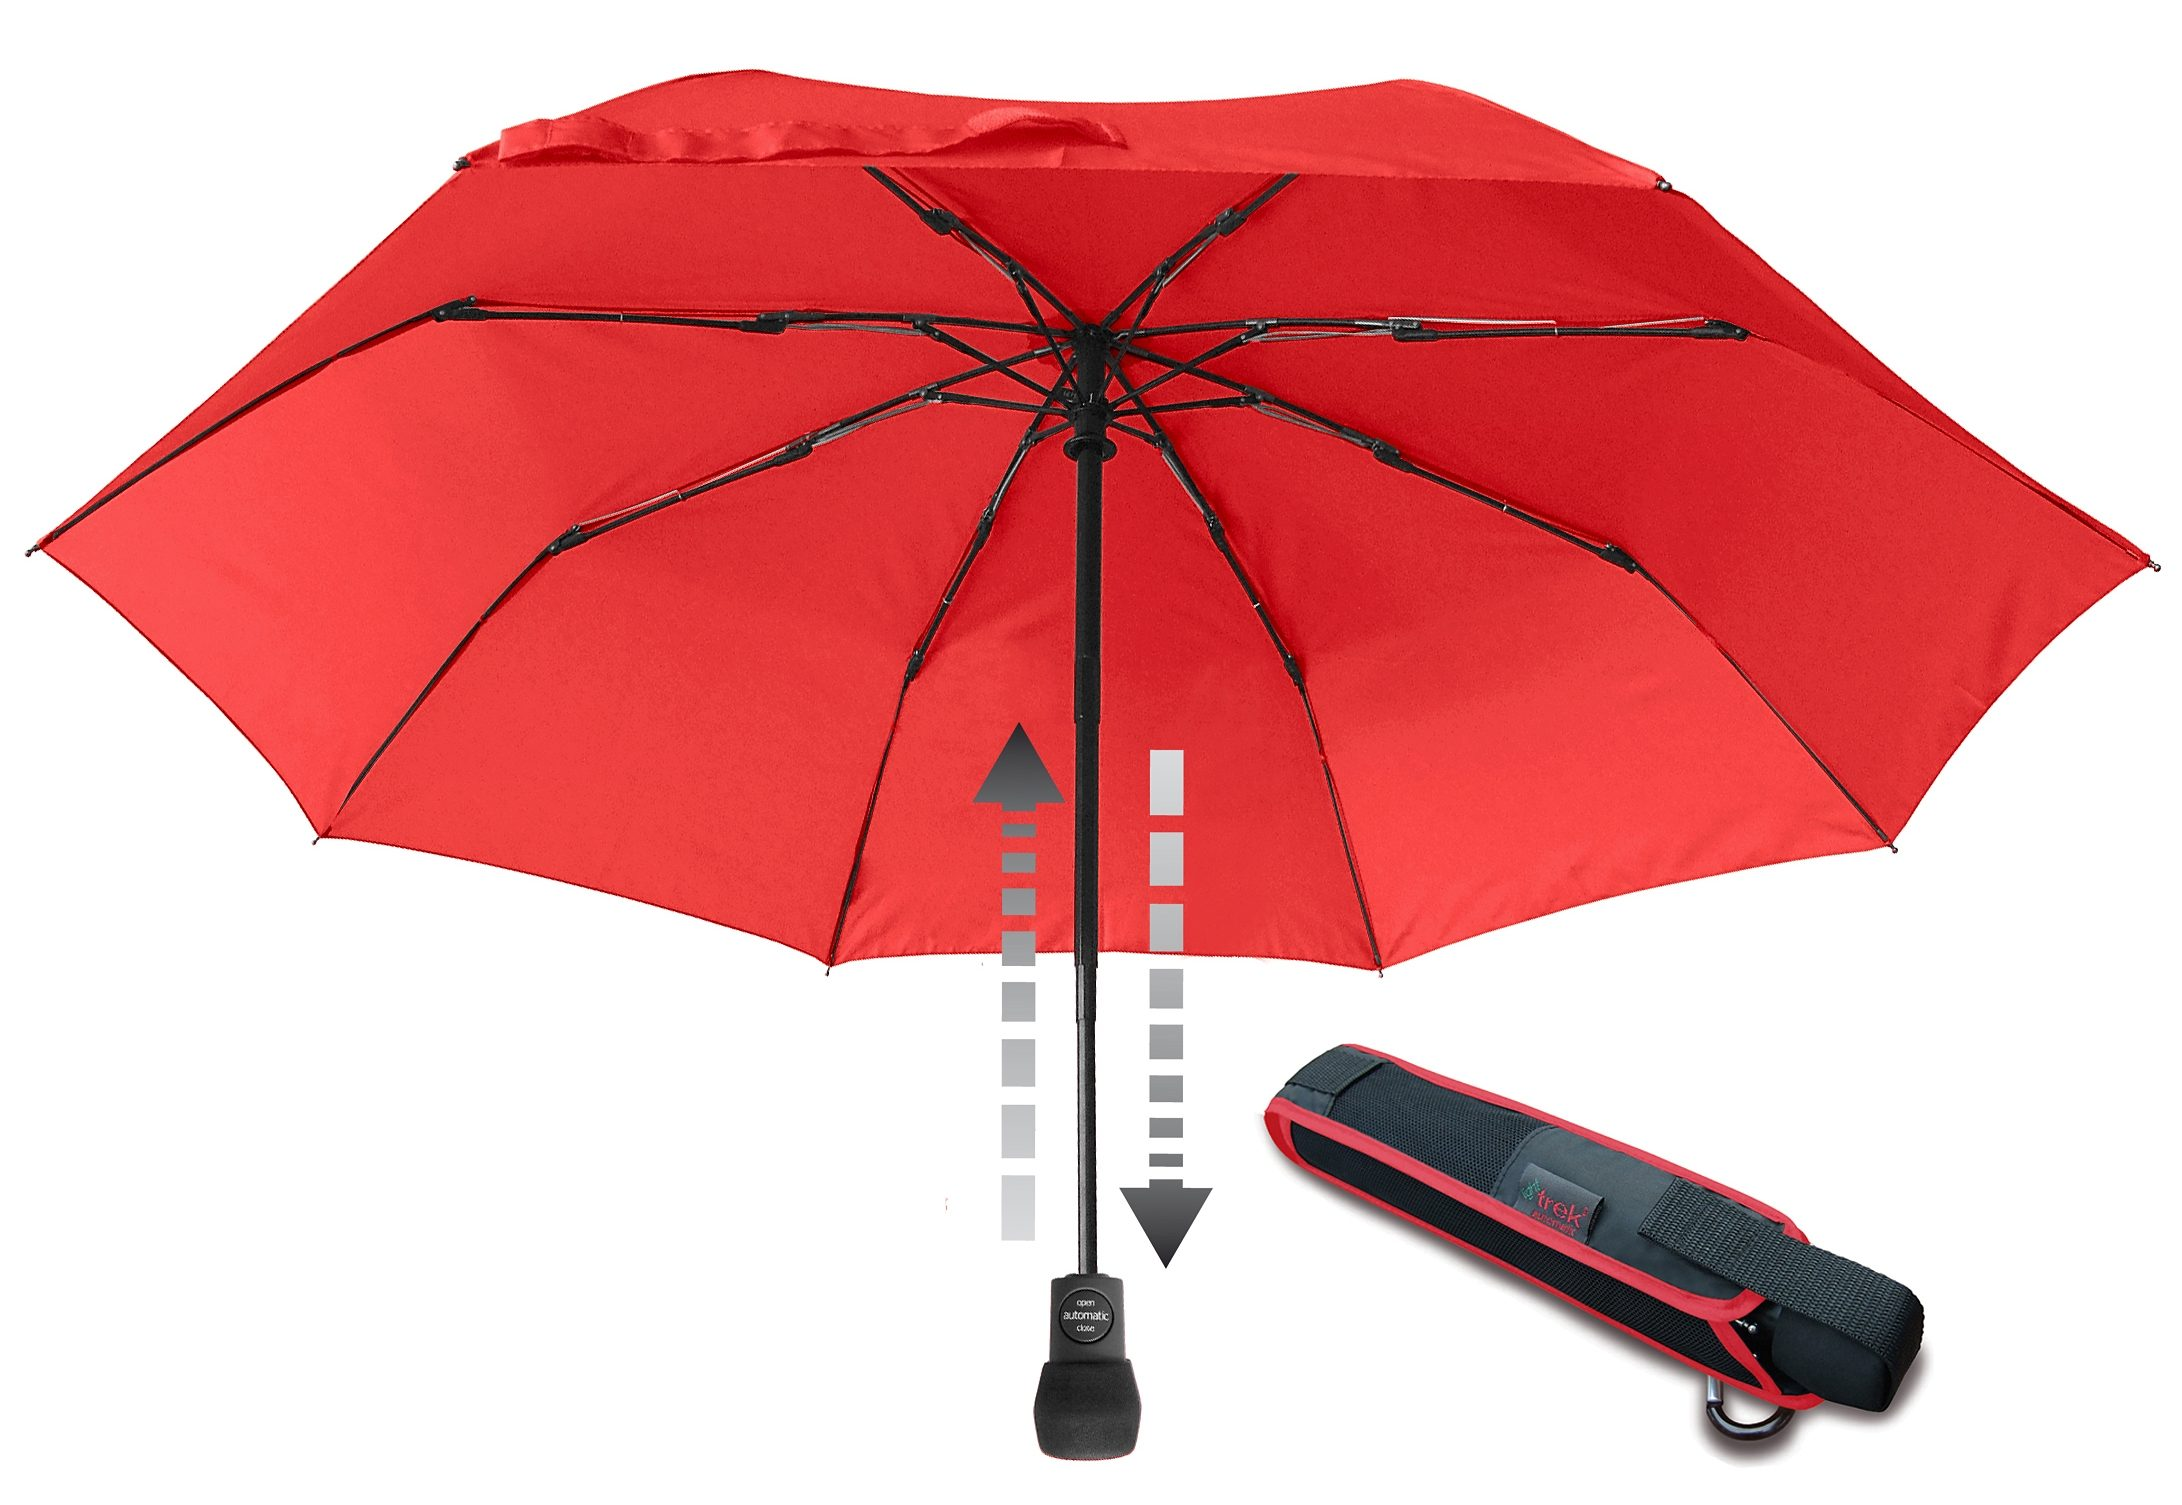 Euroschirm, Taschenregenschirm ´´light trek automatic Taschenschirm´´ | Accessoires > Regenschirme > Taschenschirme | Rot | Metall - Glasfaser - Polyester - Nylon | EUROSCHIRM®